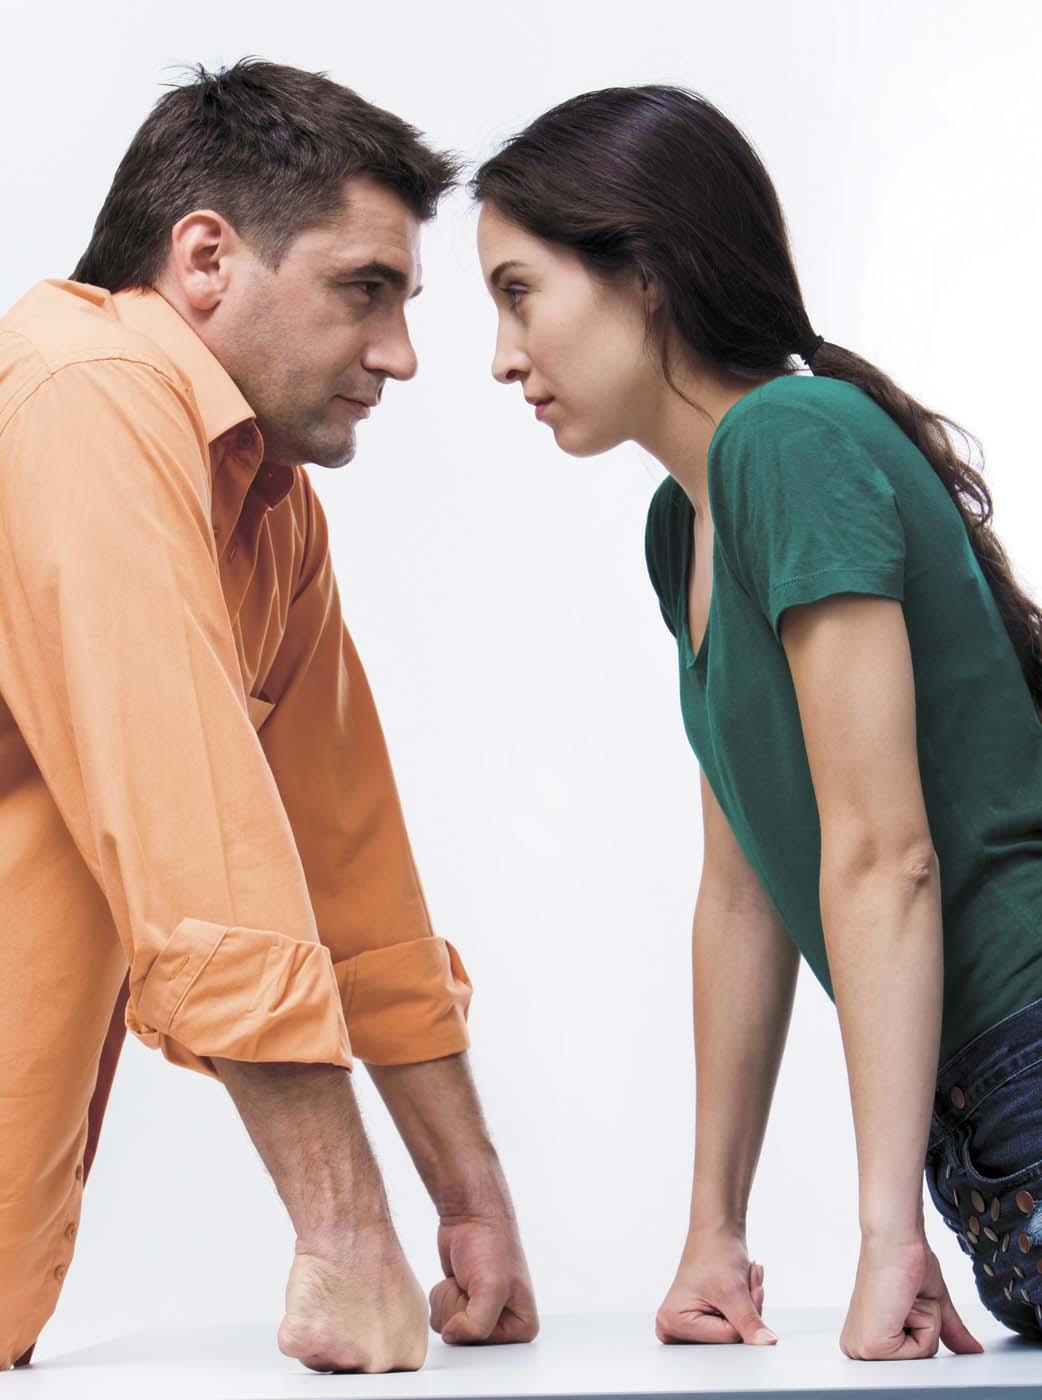 Как с мужчиной правильно выяснять отношения с